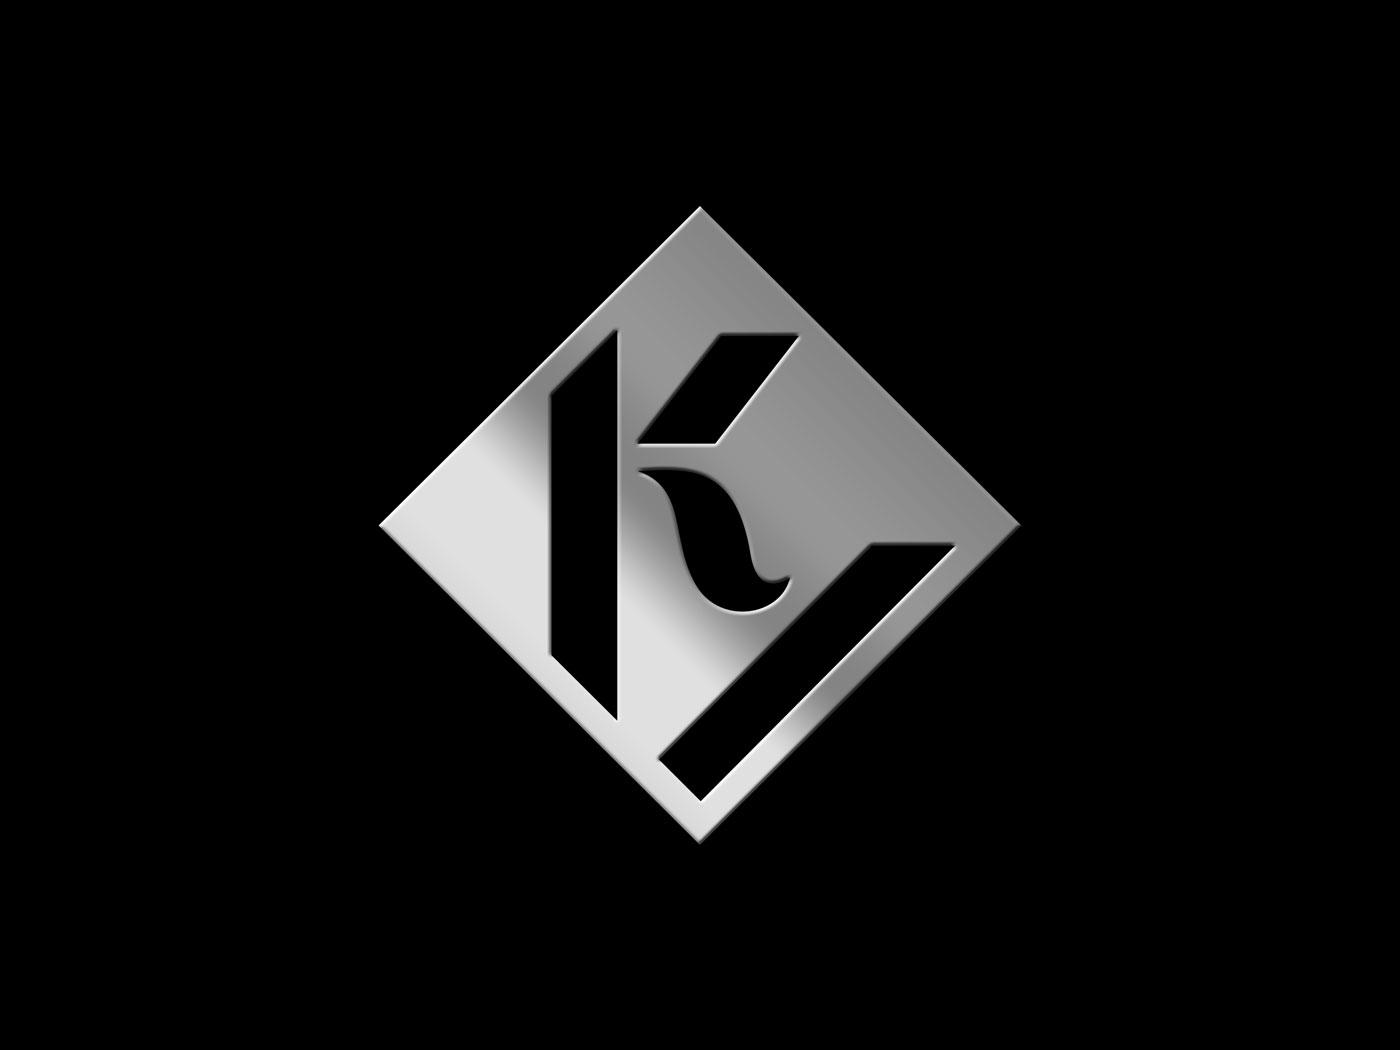 KY Tea - Un design pensé par l'agence de design de Paris Partisan du Sens.